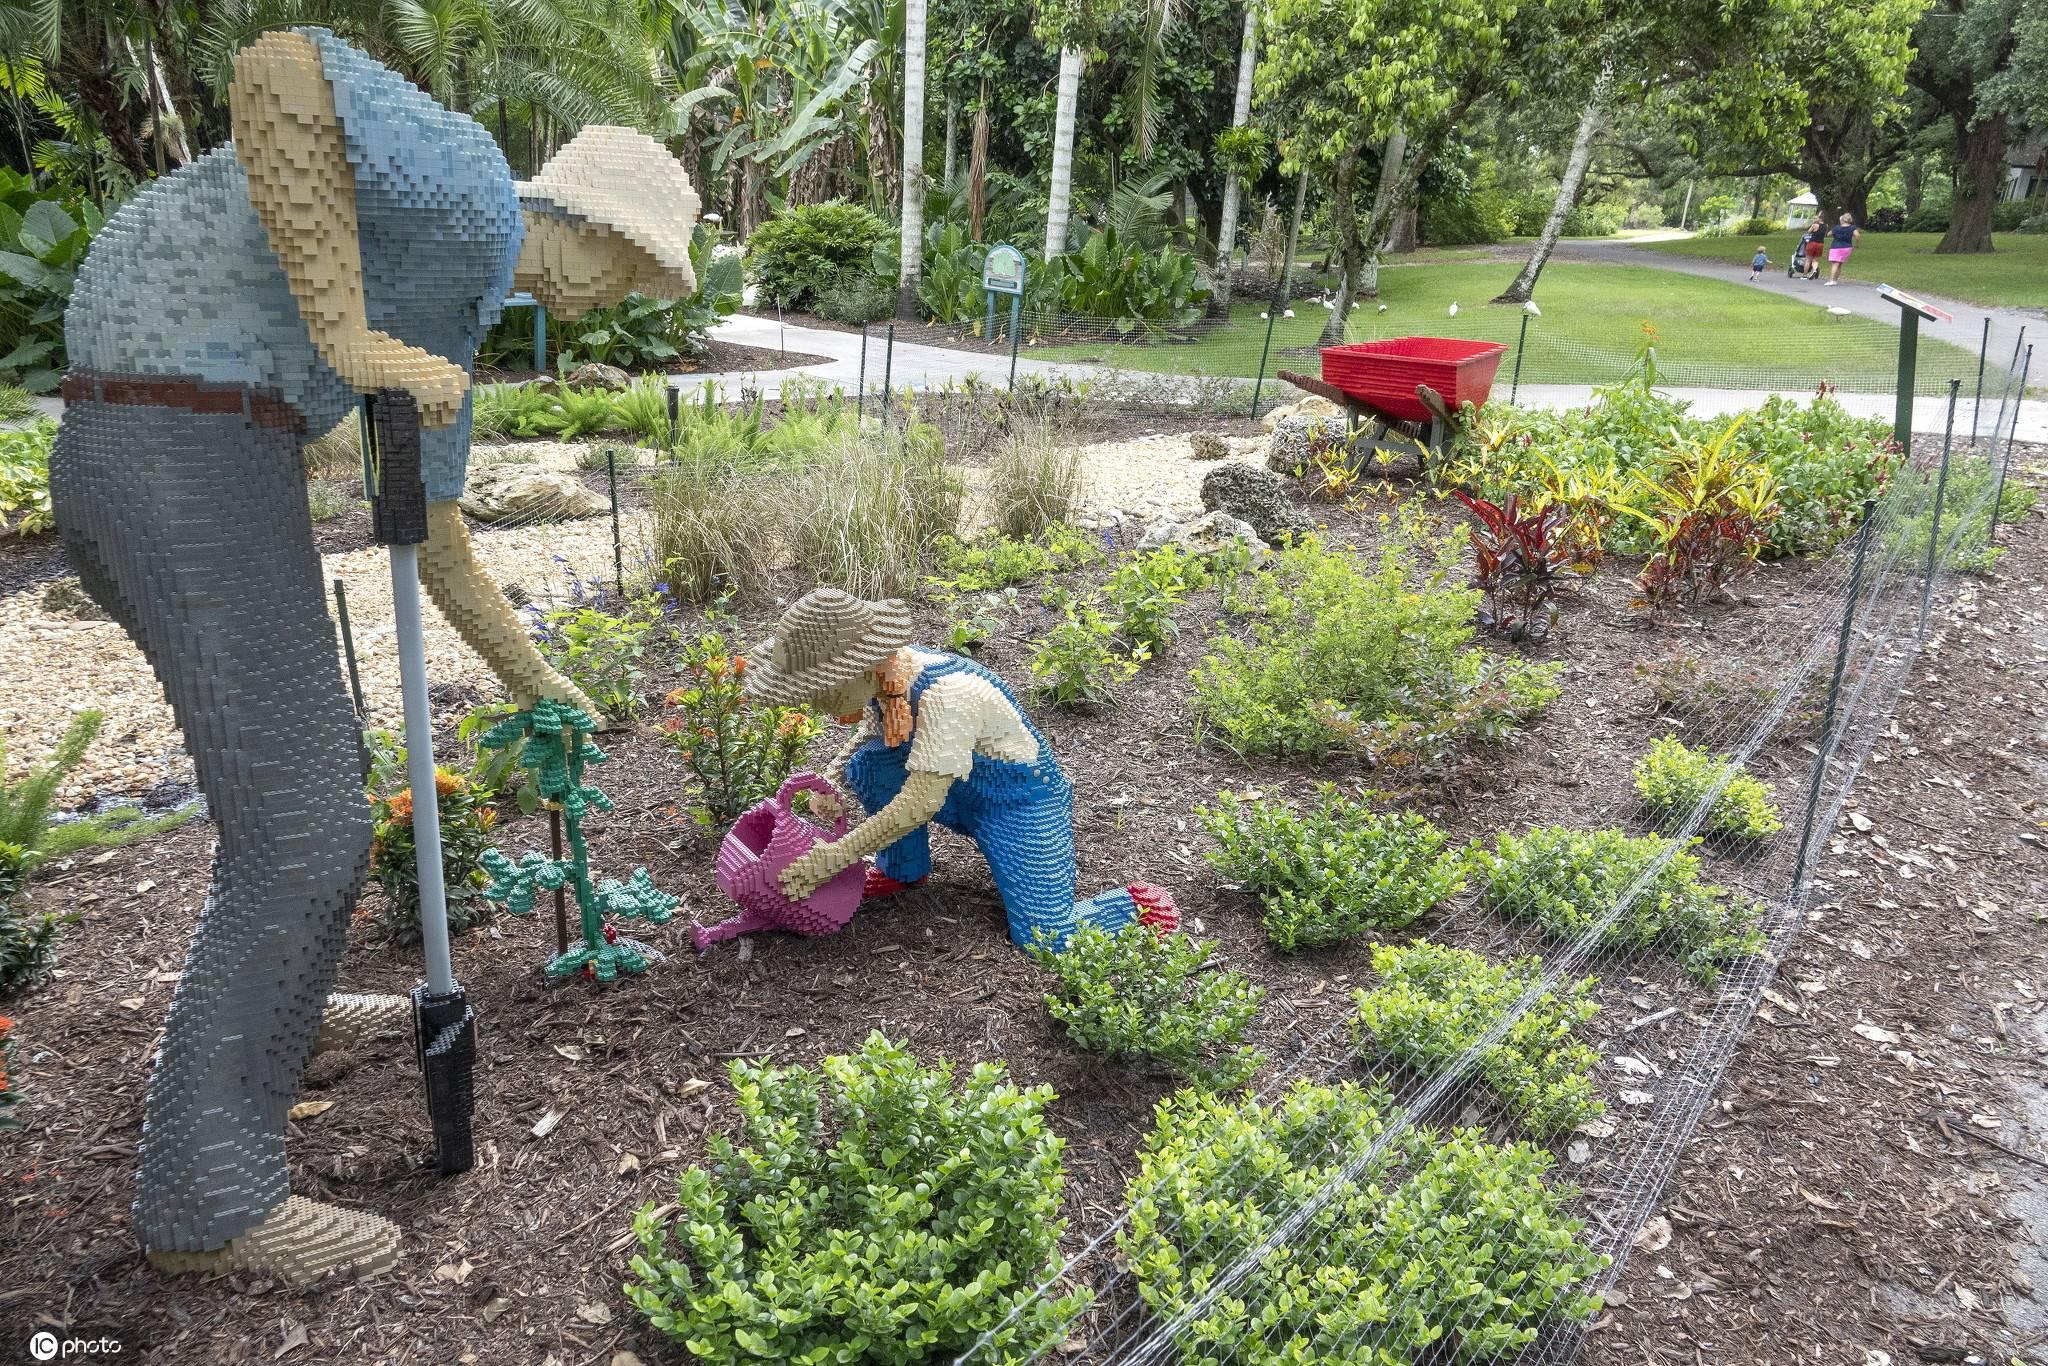 【展览】美国佛州举办自然主题展 50万块乐高积木打造花园天堂,